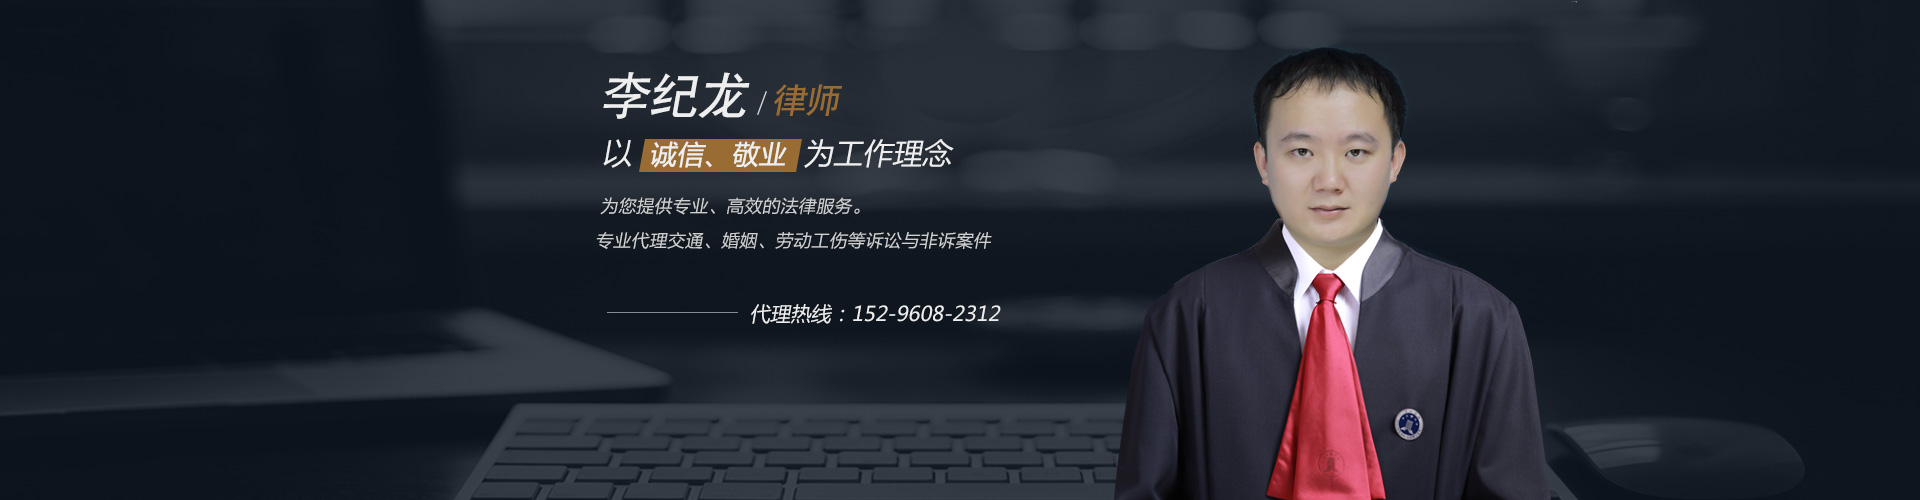 广西李纪龙律师